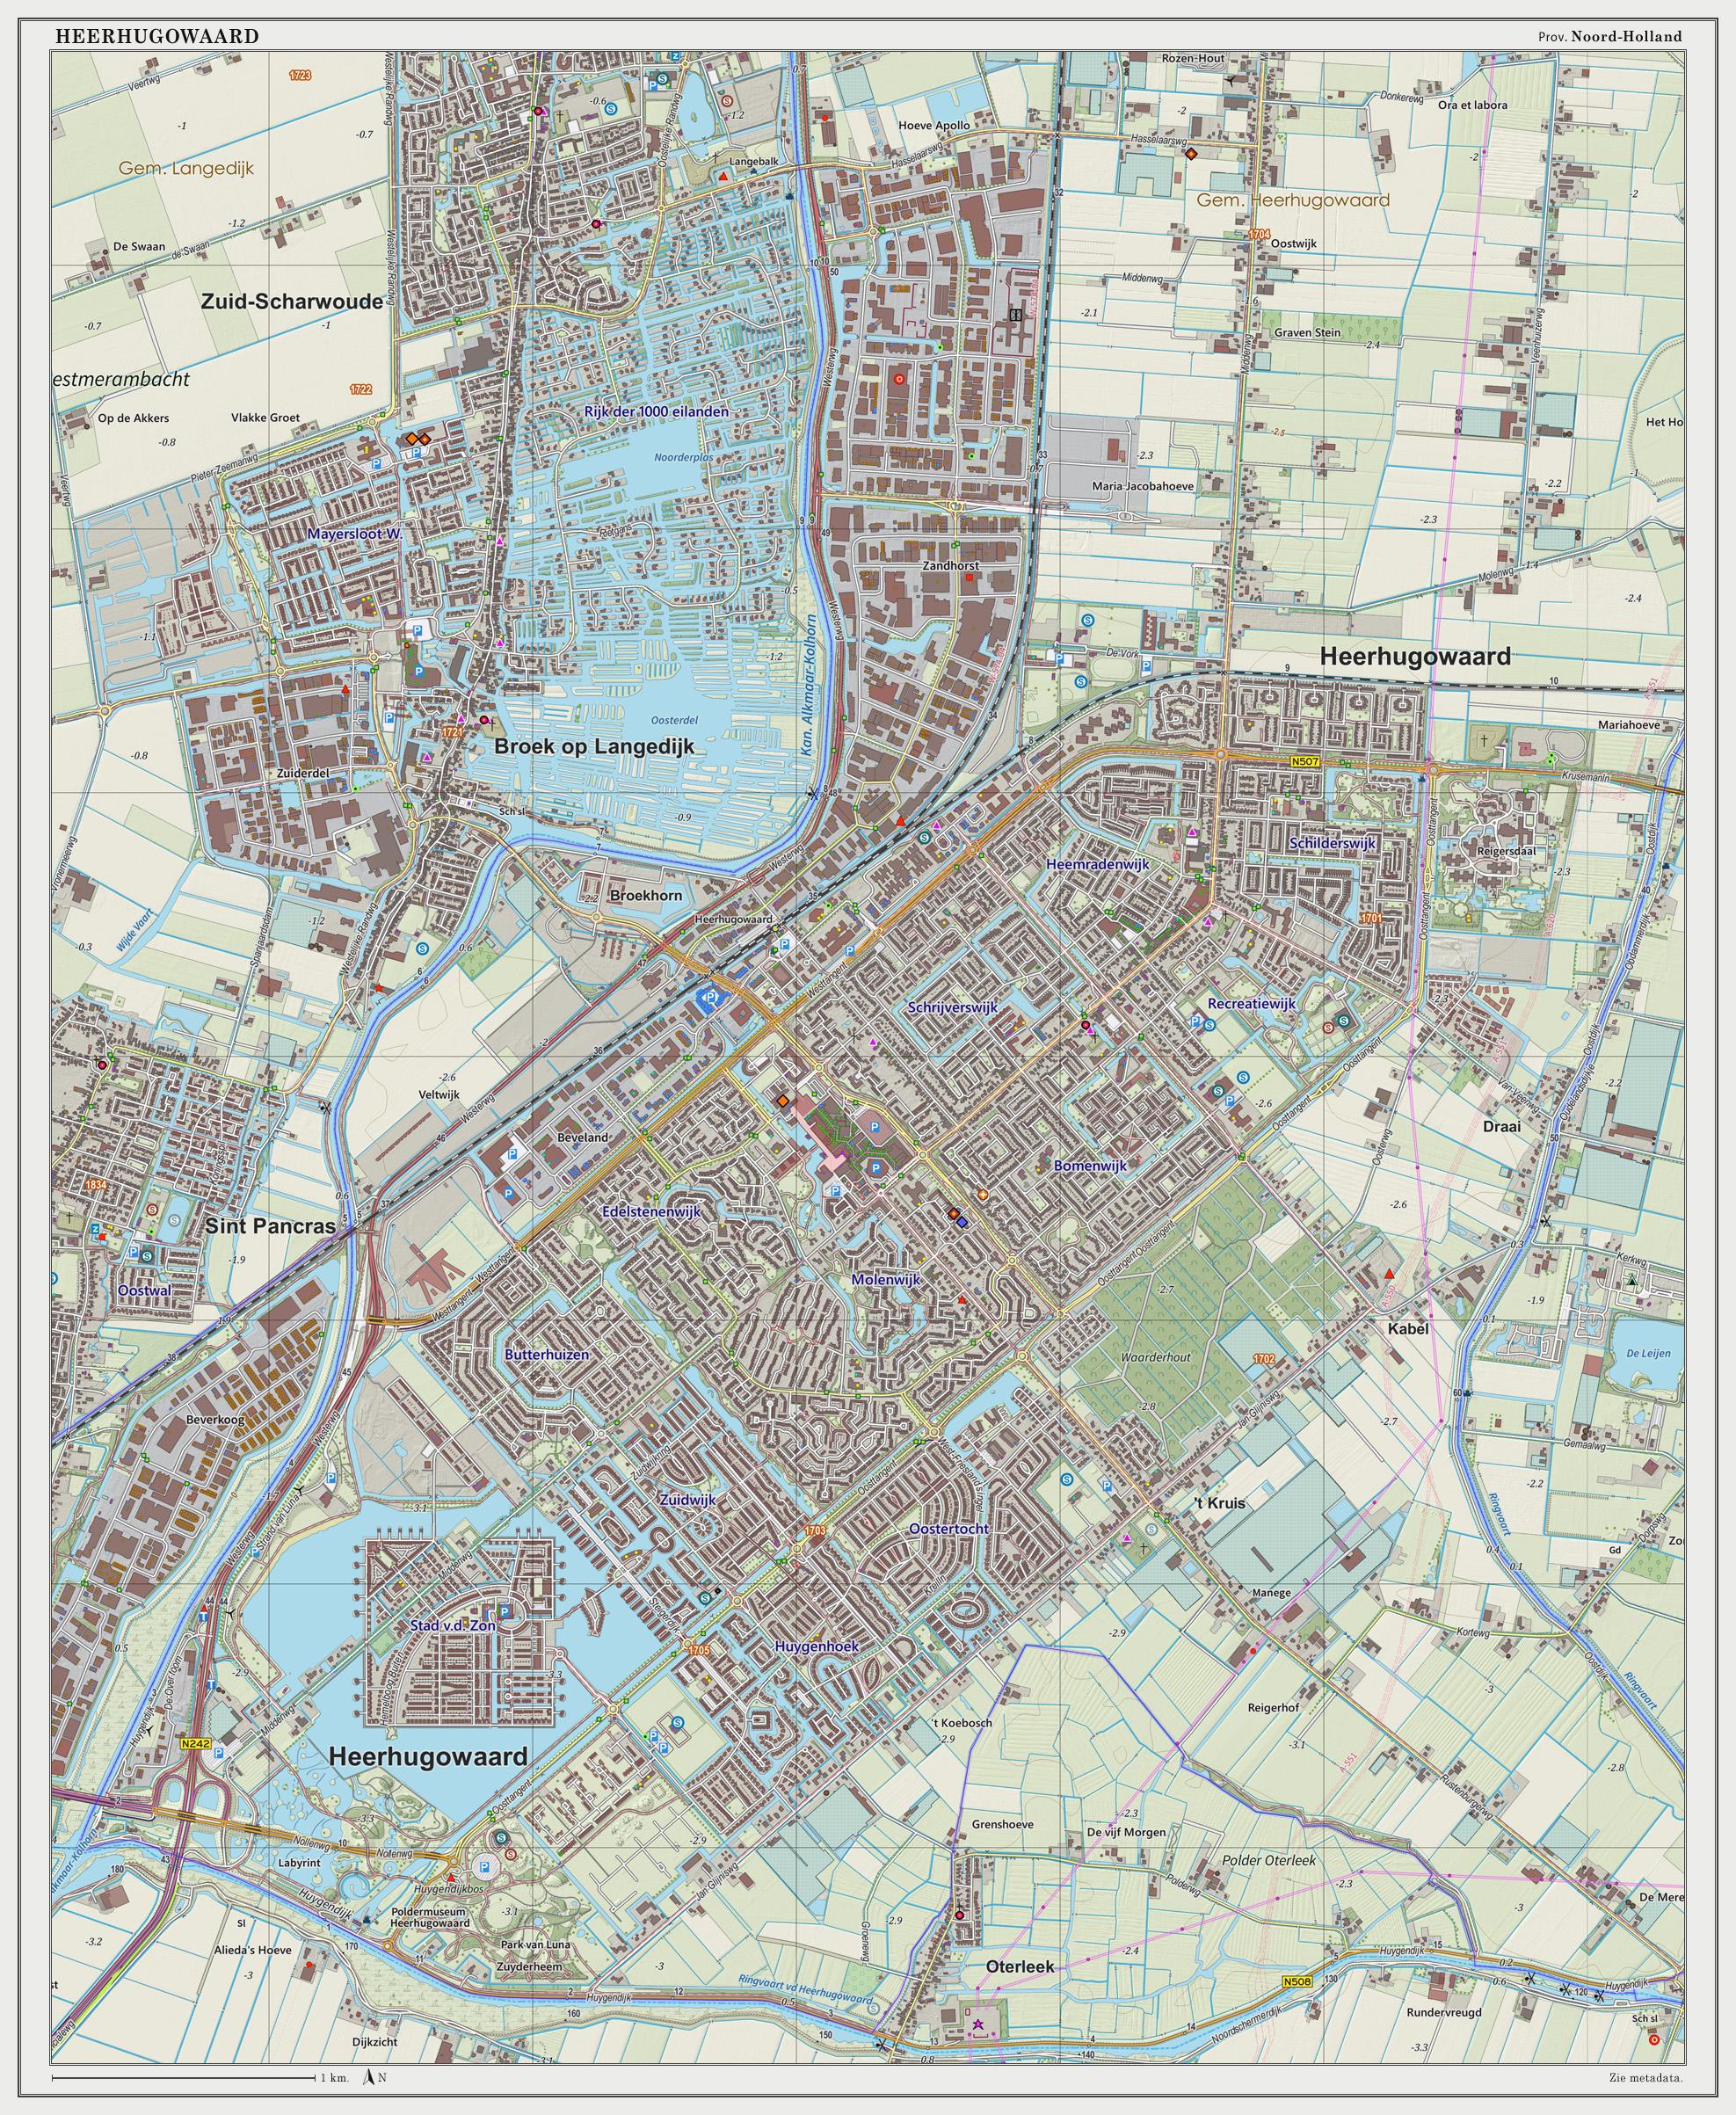 ملف:Heerhugowaard-plaats-OpenTopo.jpg - ويكيبيديا